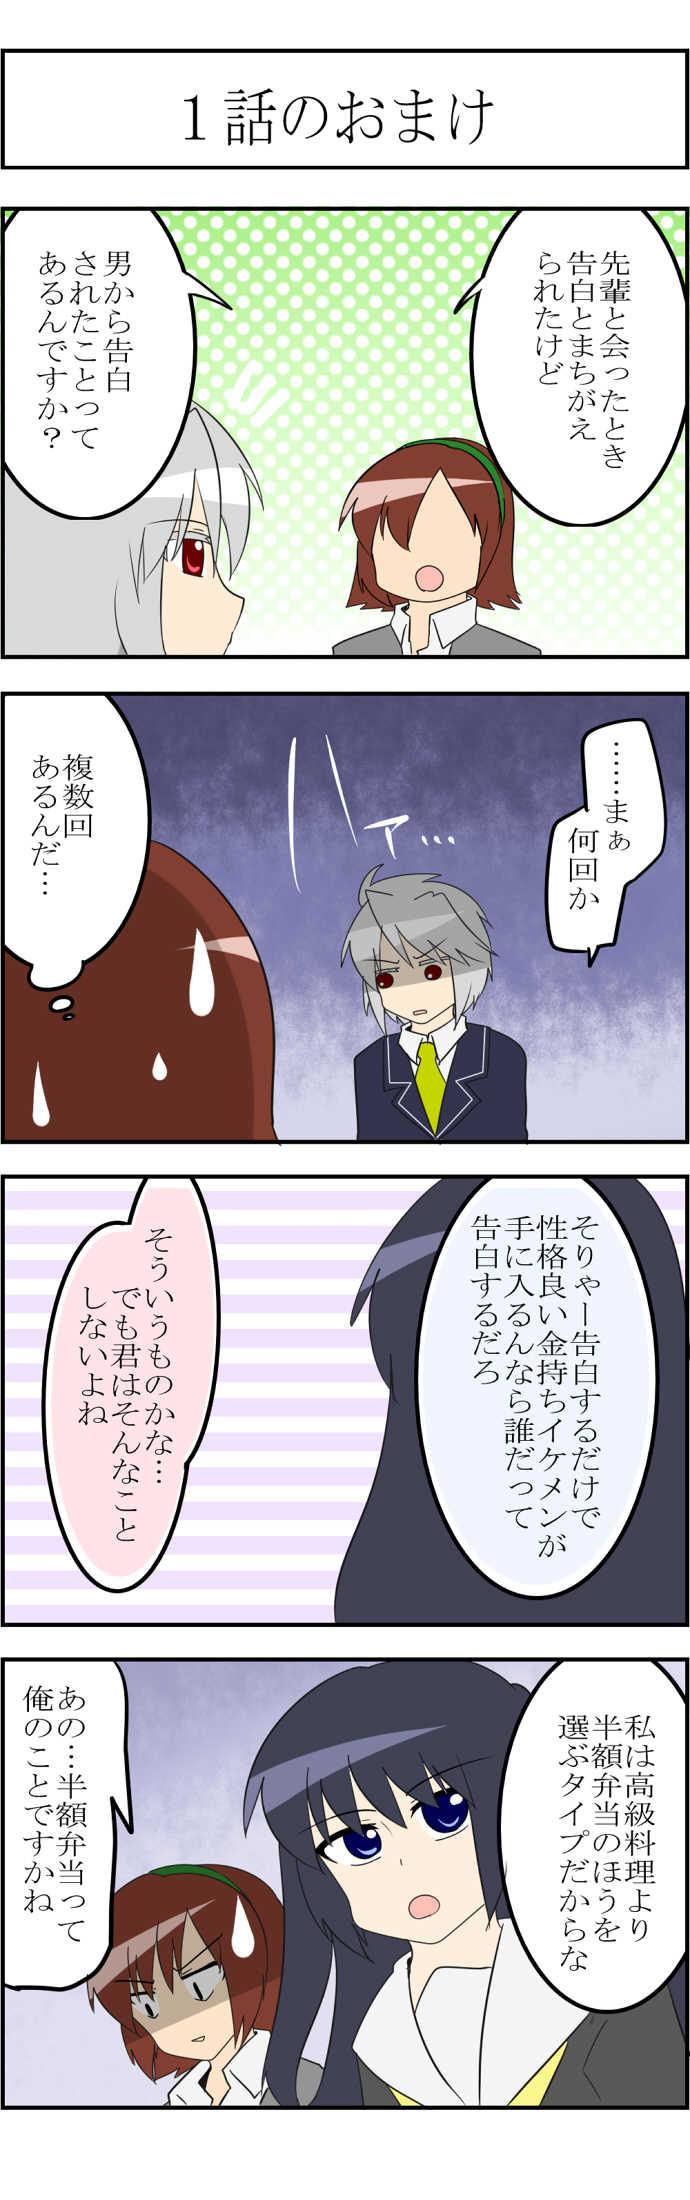 おまけ(後日談集)